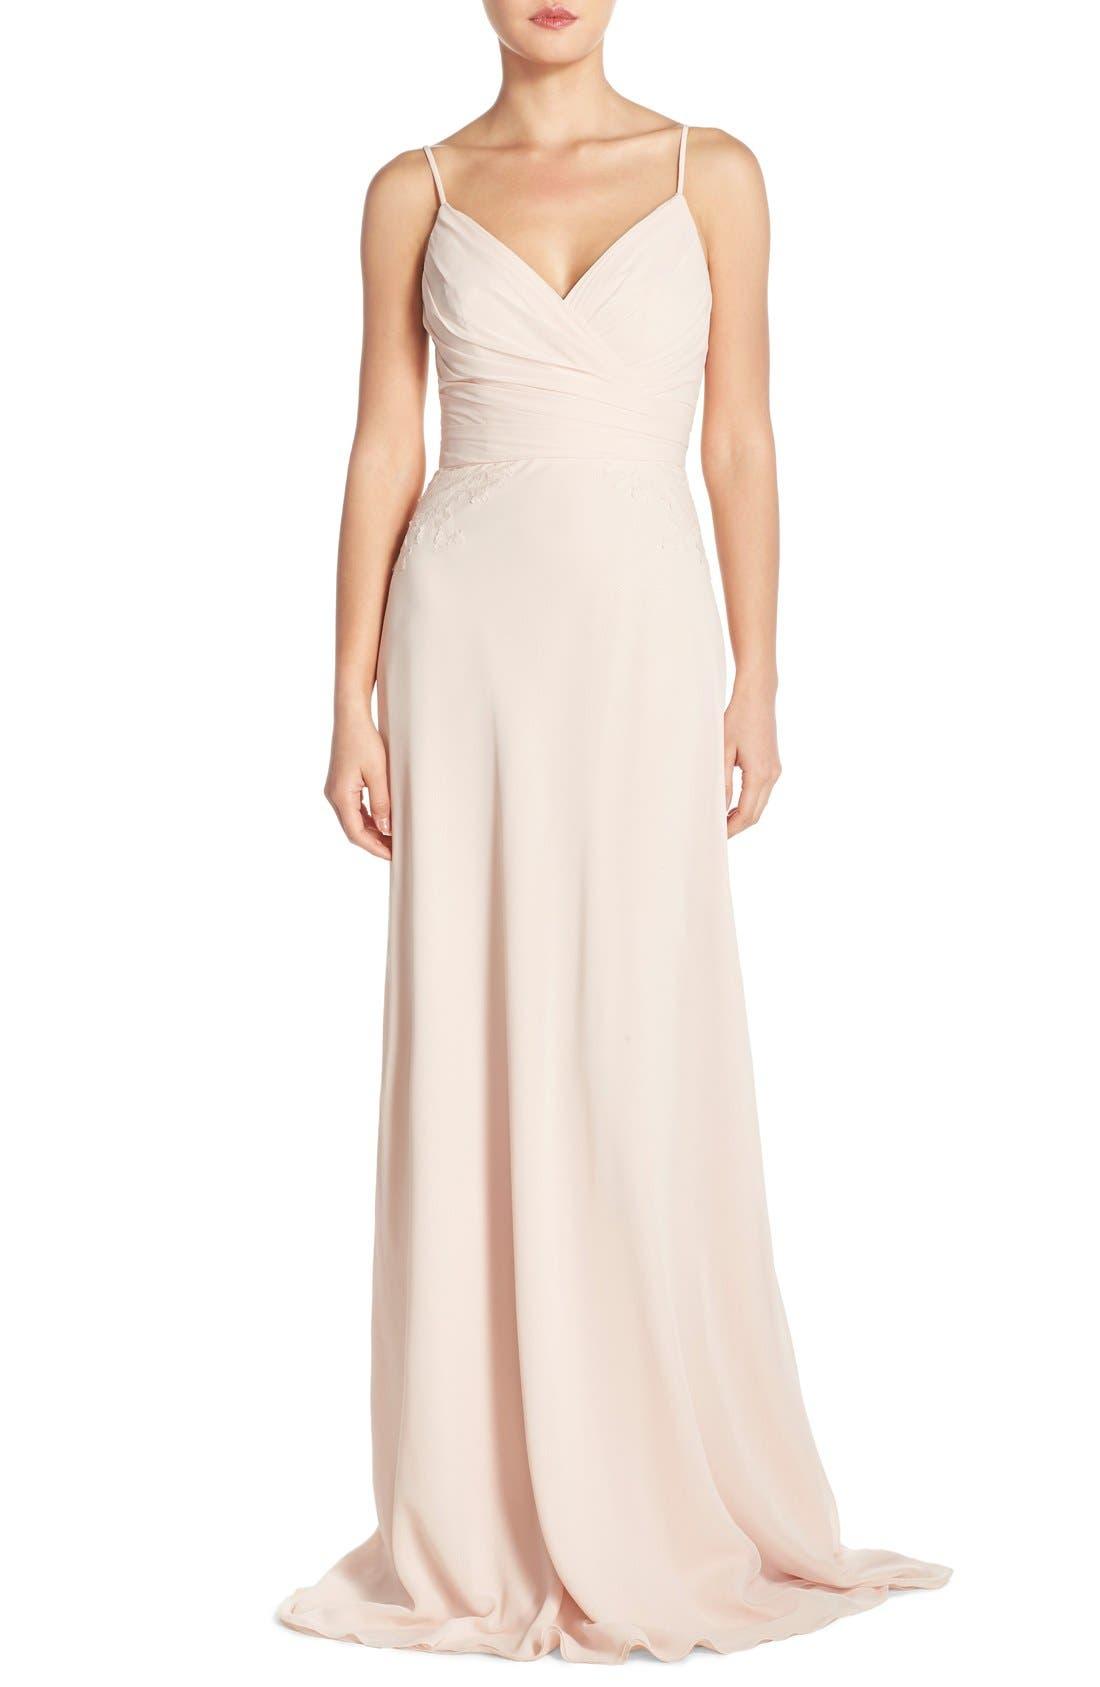 Alternate Image 1 Selected - Monique Lhuillier Bridesmaids Lace Trim Chiffon Surplice Gown